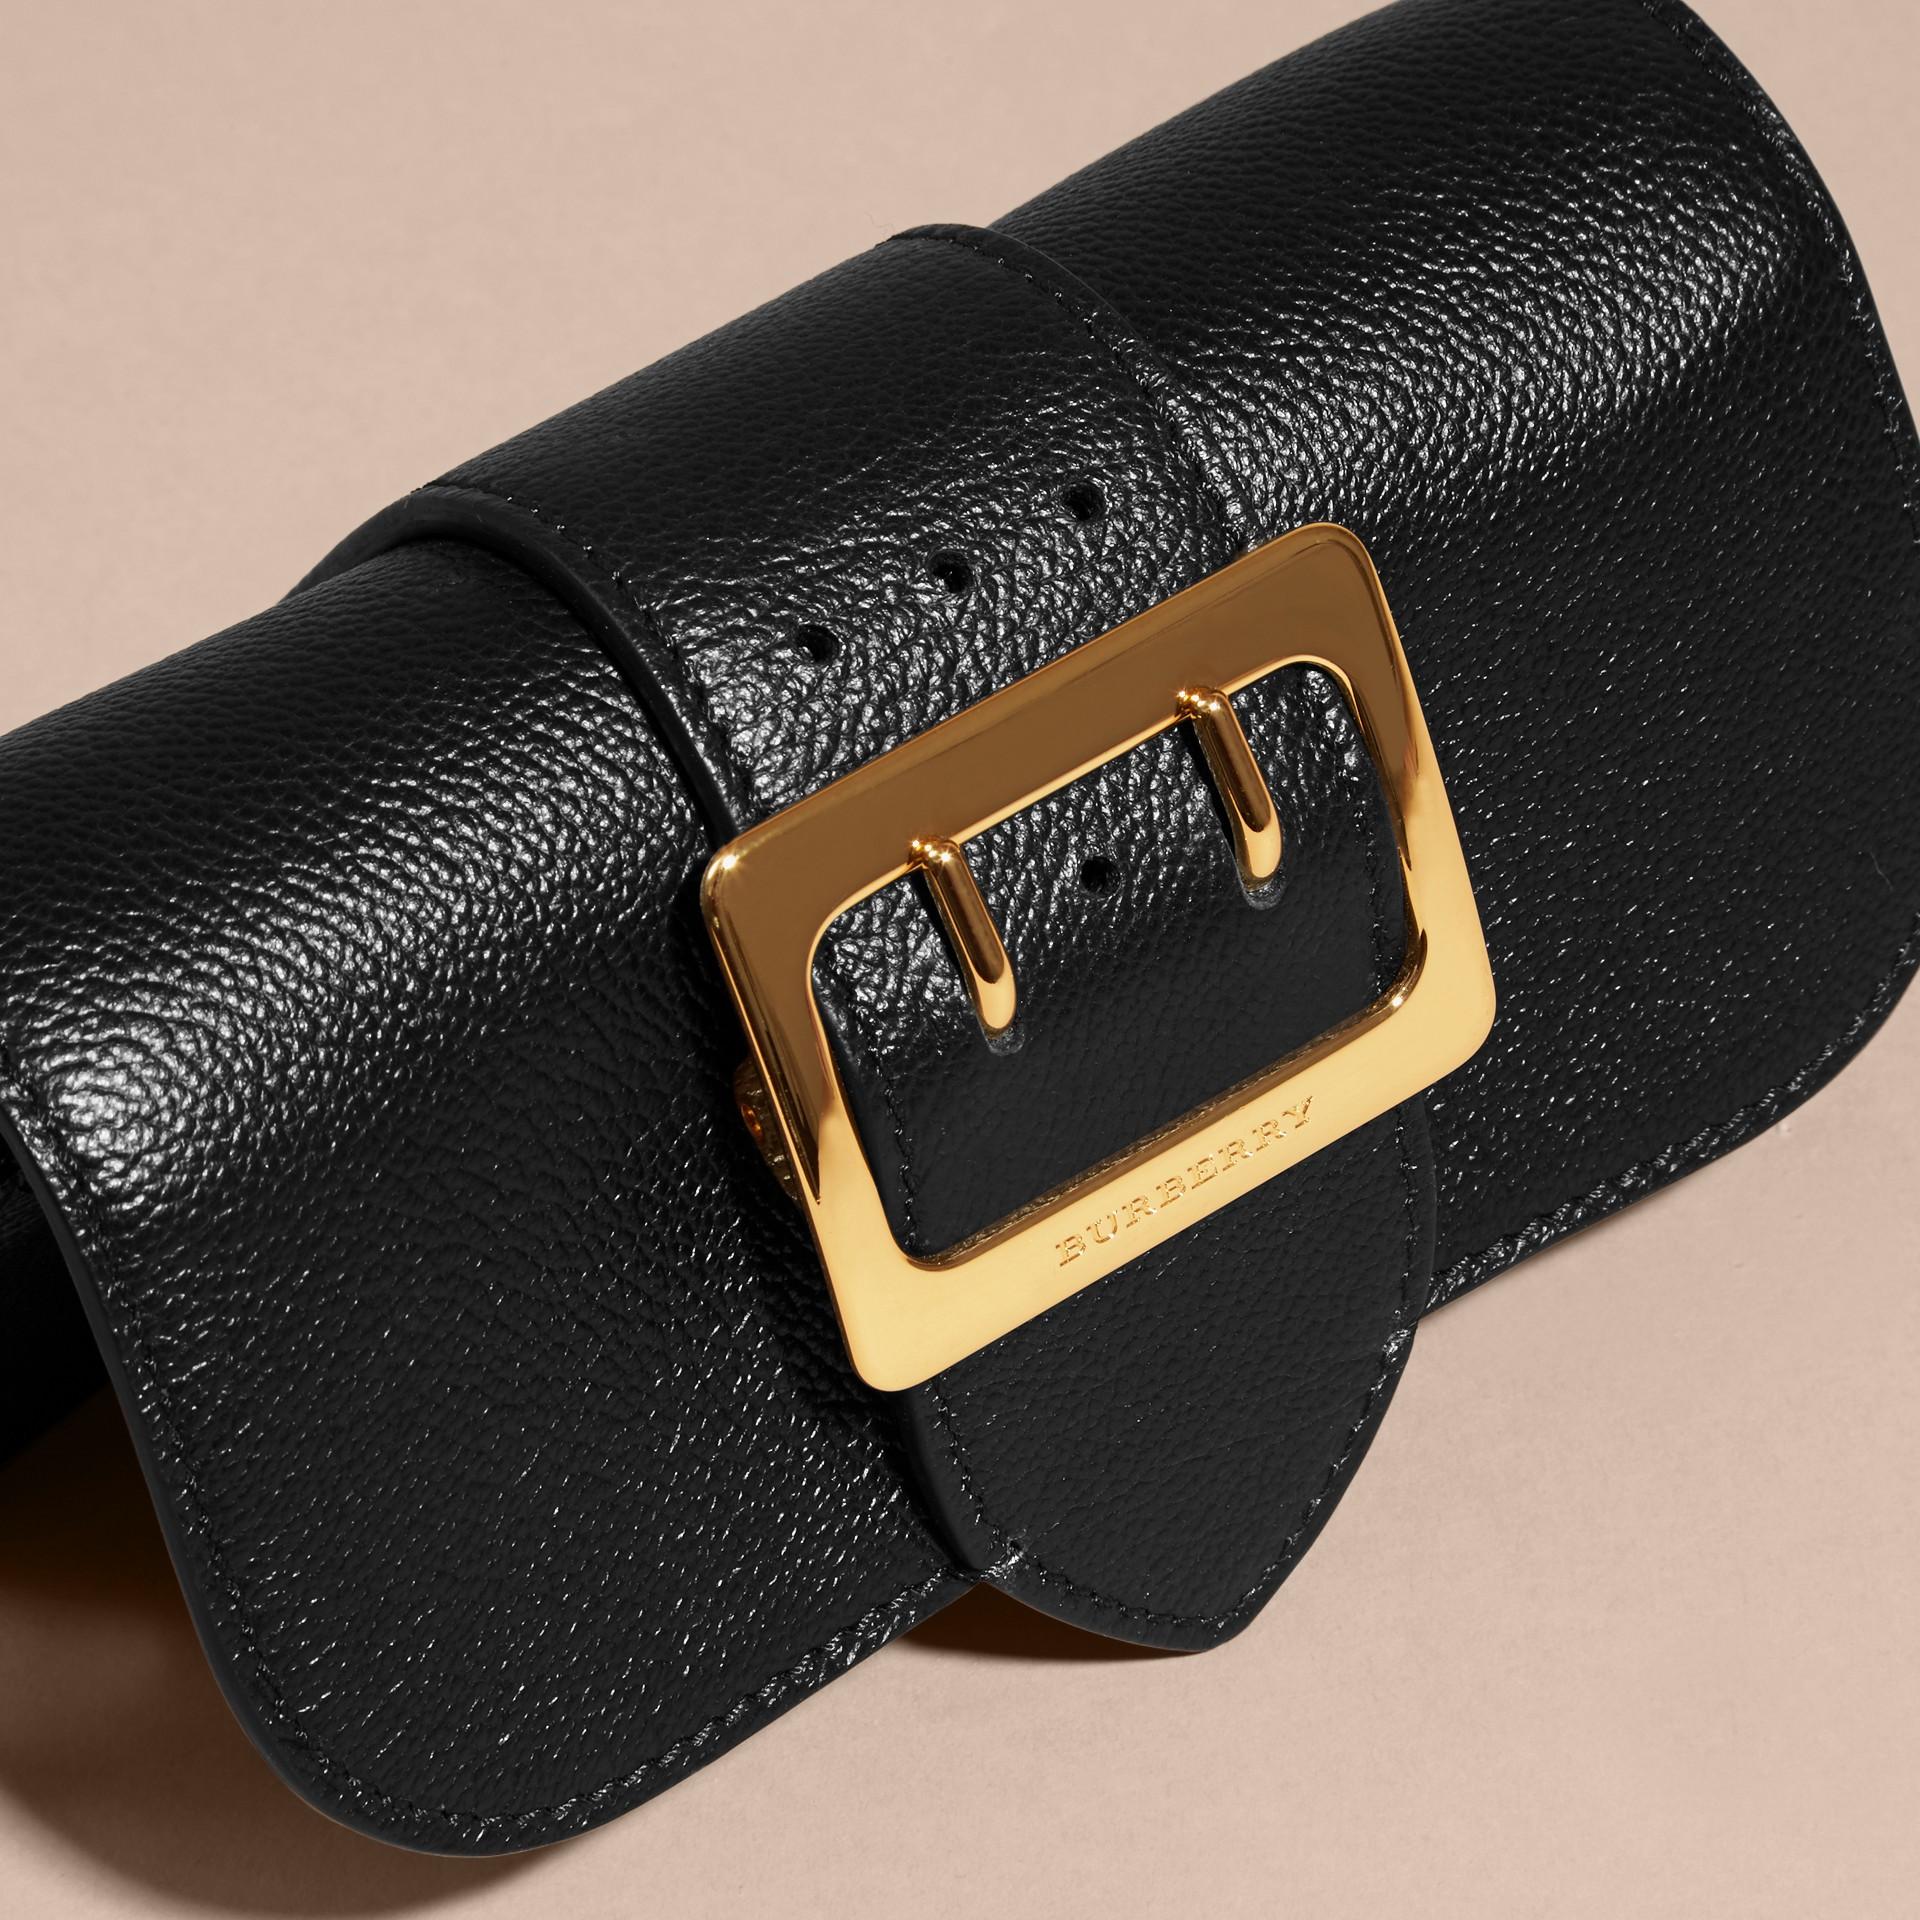 Schwarz The Mini Buckle Bag aus genarbtem Leder Schwarz - Galerie-Bild 5